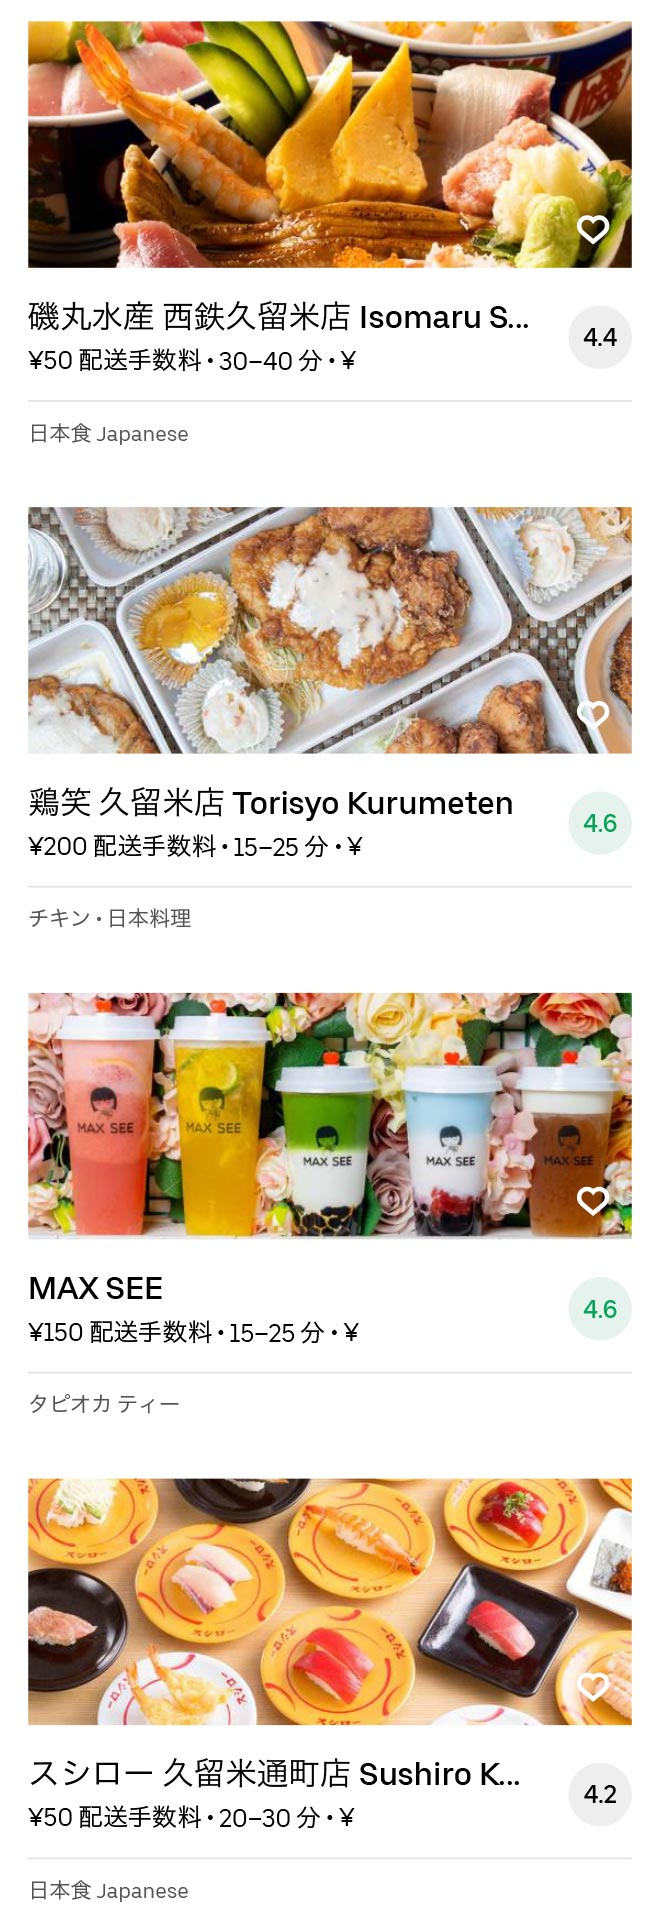 Nishitetsu kurume menu 2008 06